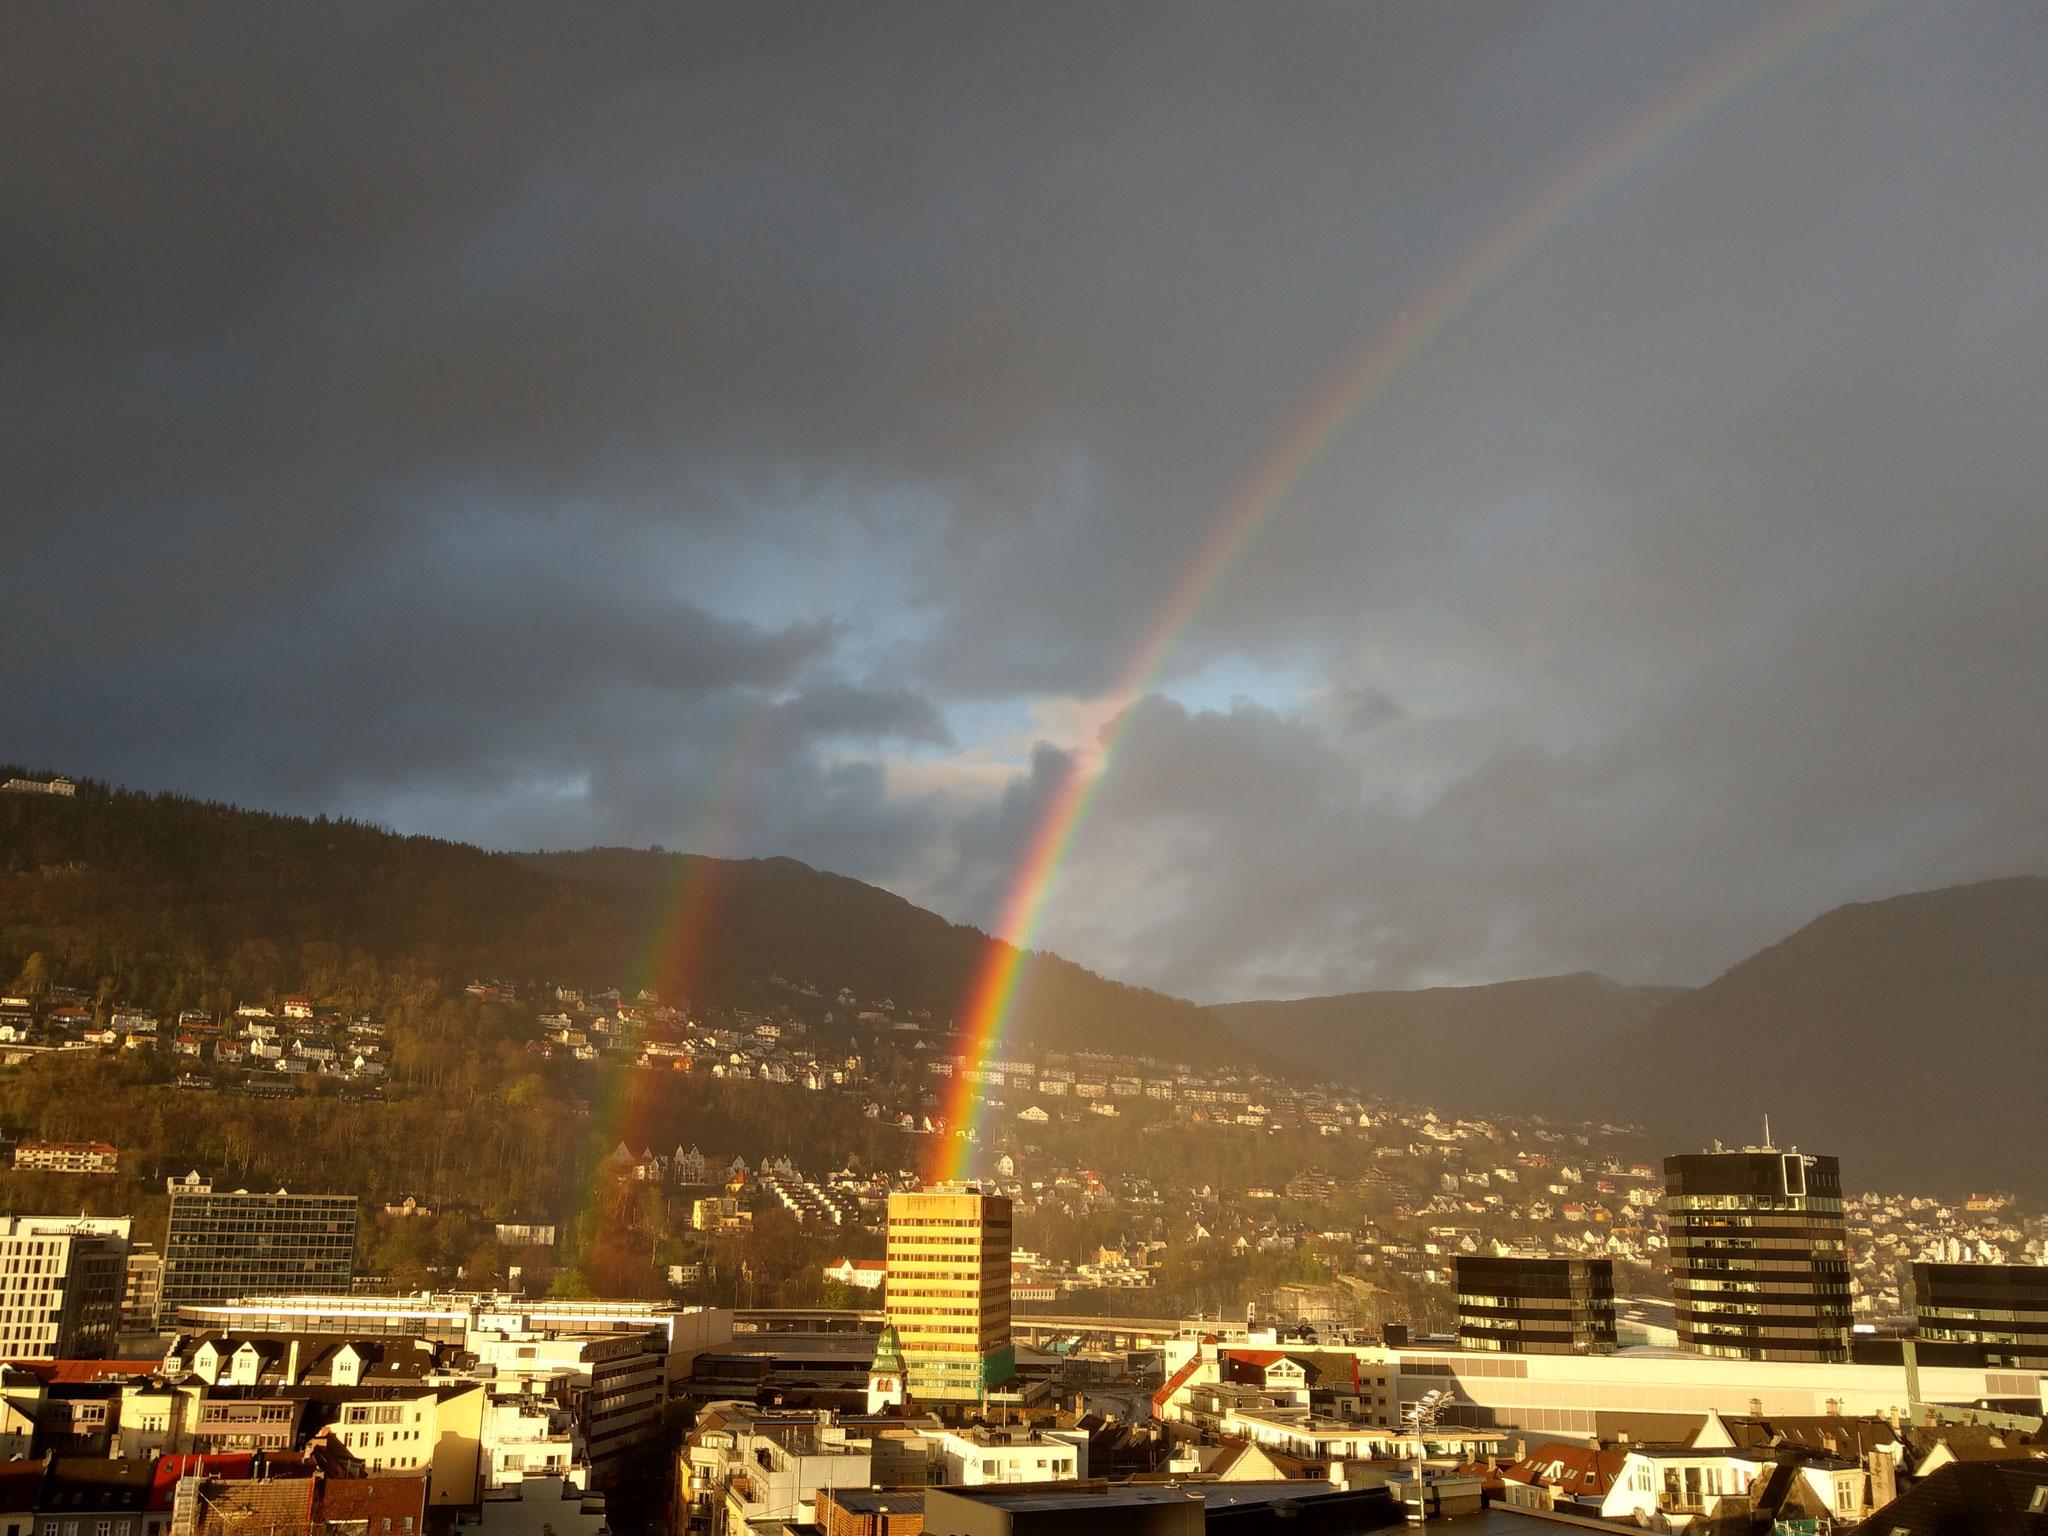 Bergen mit einem (gar nicht so selten auftretendem) Regenbogen